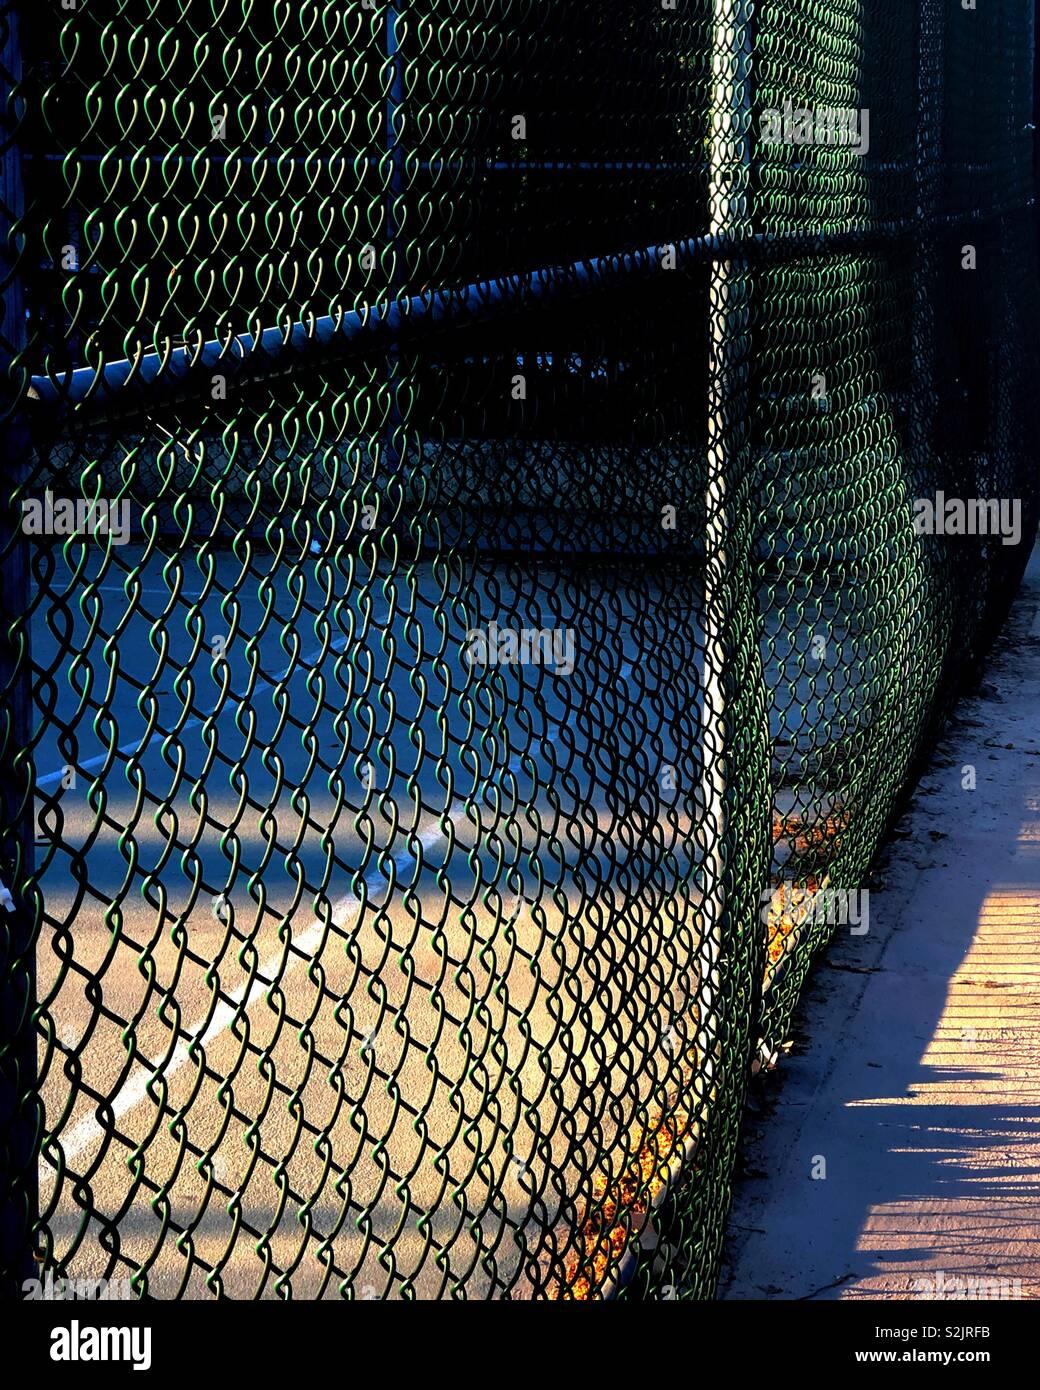 Amanecer proyecta sombras en una cancha de baloncesto y la valla que lo rodea Imagen De Stock